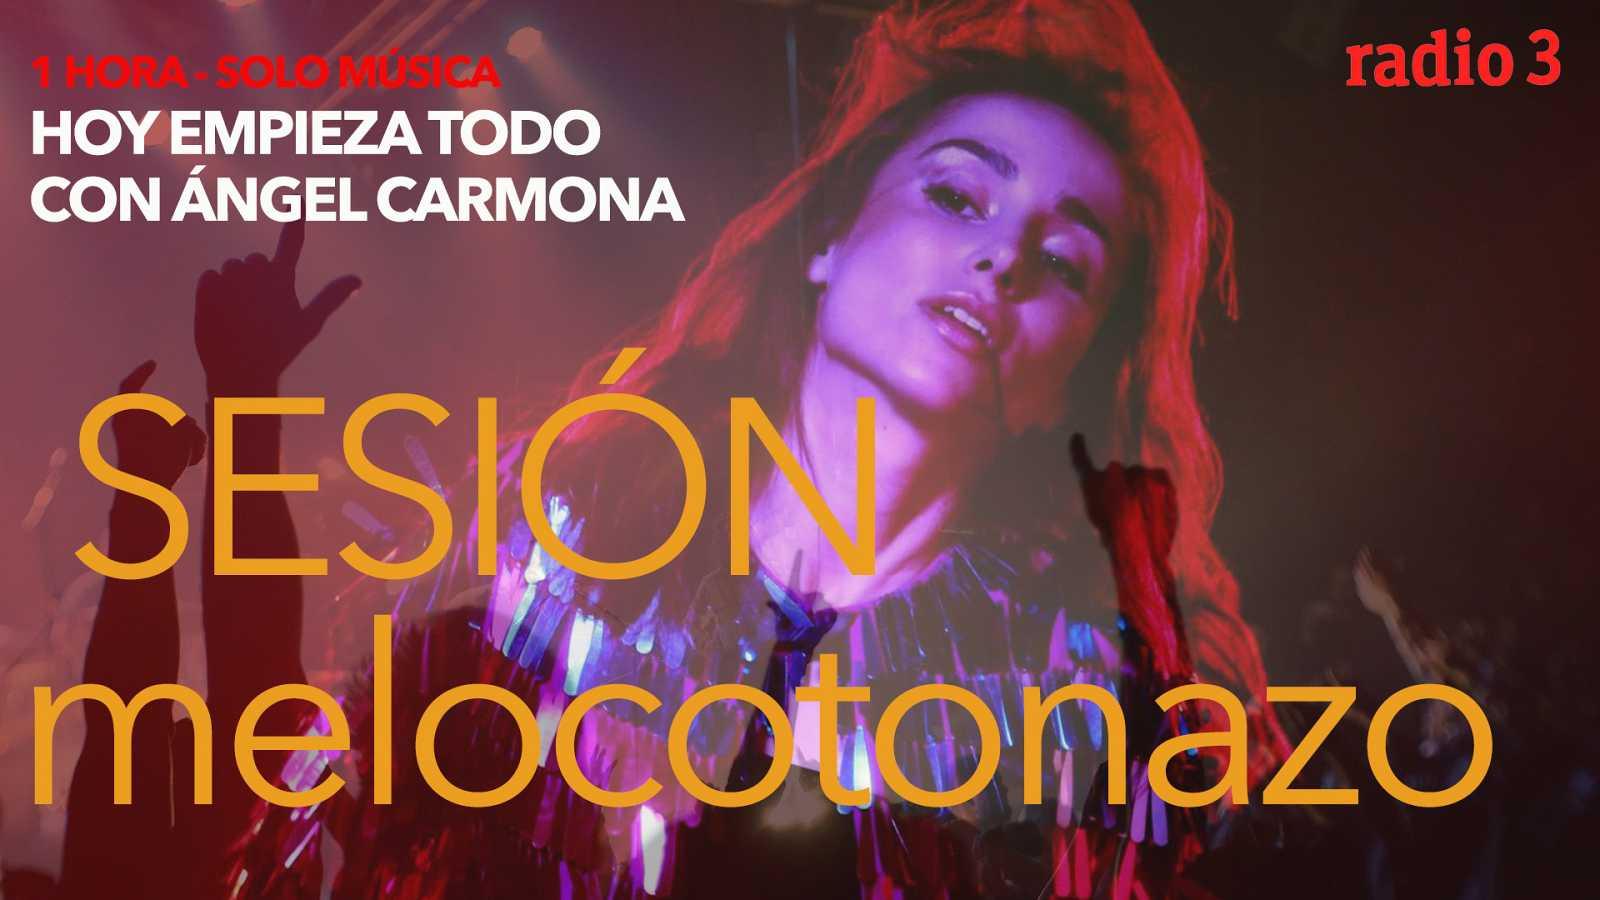 Hoy empieza todo con Ángel Carmona - #SesiónMelocotonazo: Lou Reed, Zahara, Najwa... - 27/10/20 - escuchar ahora